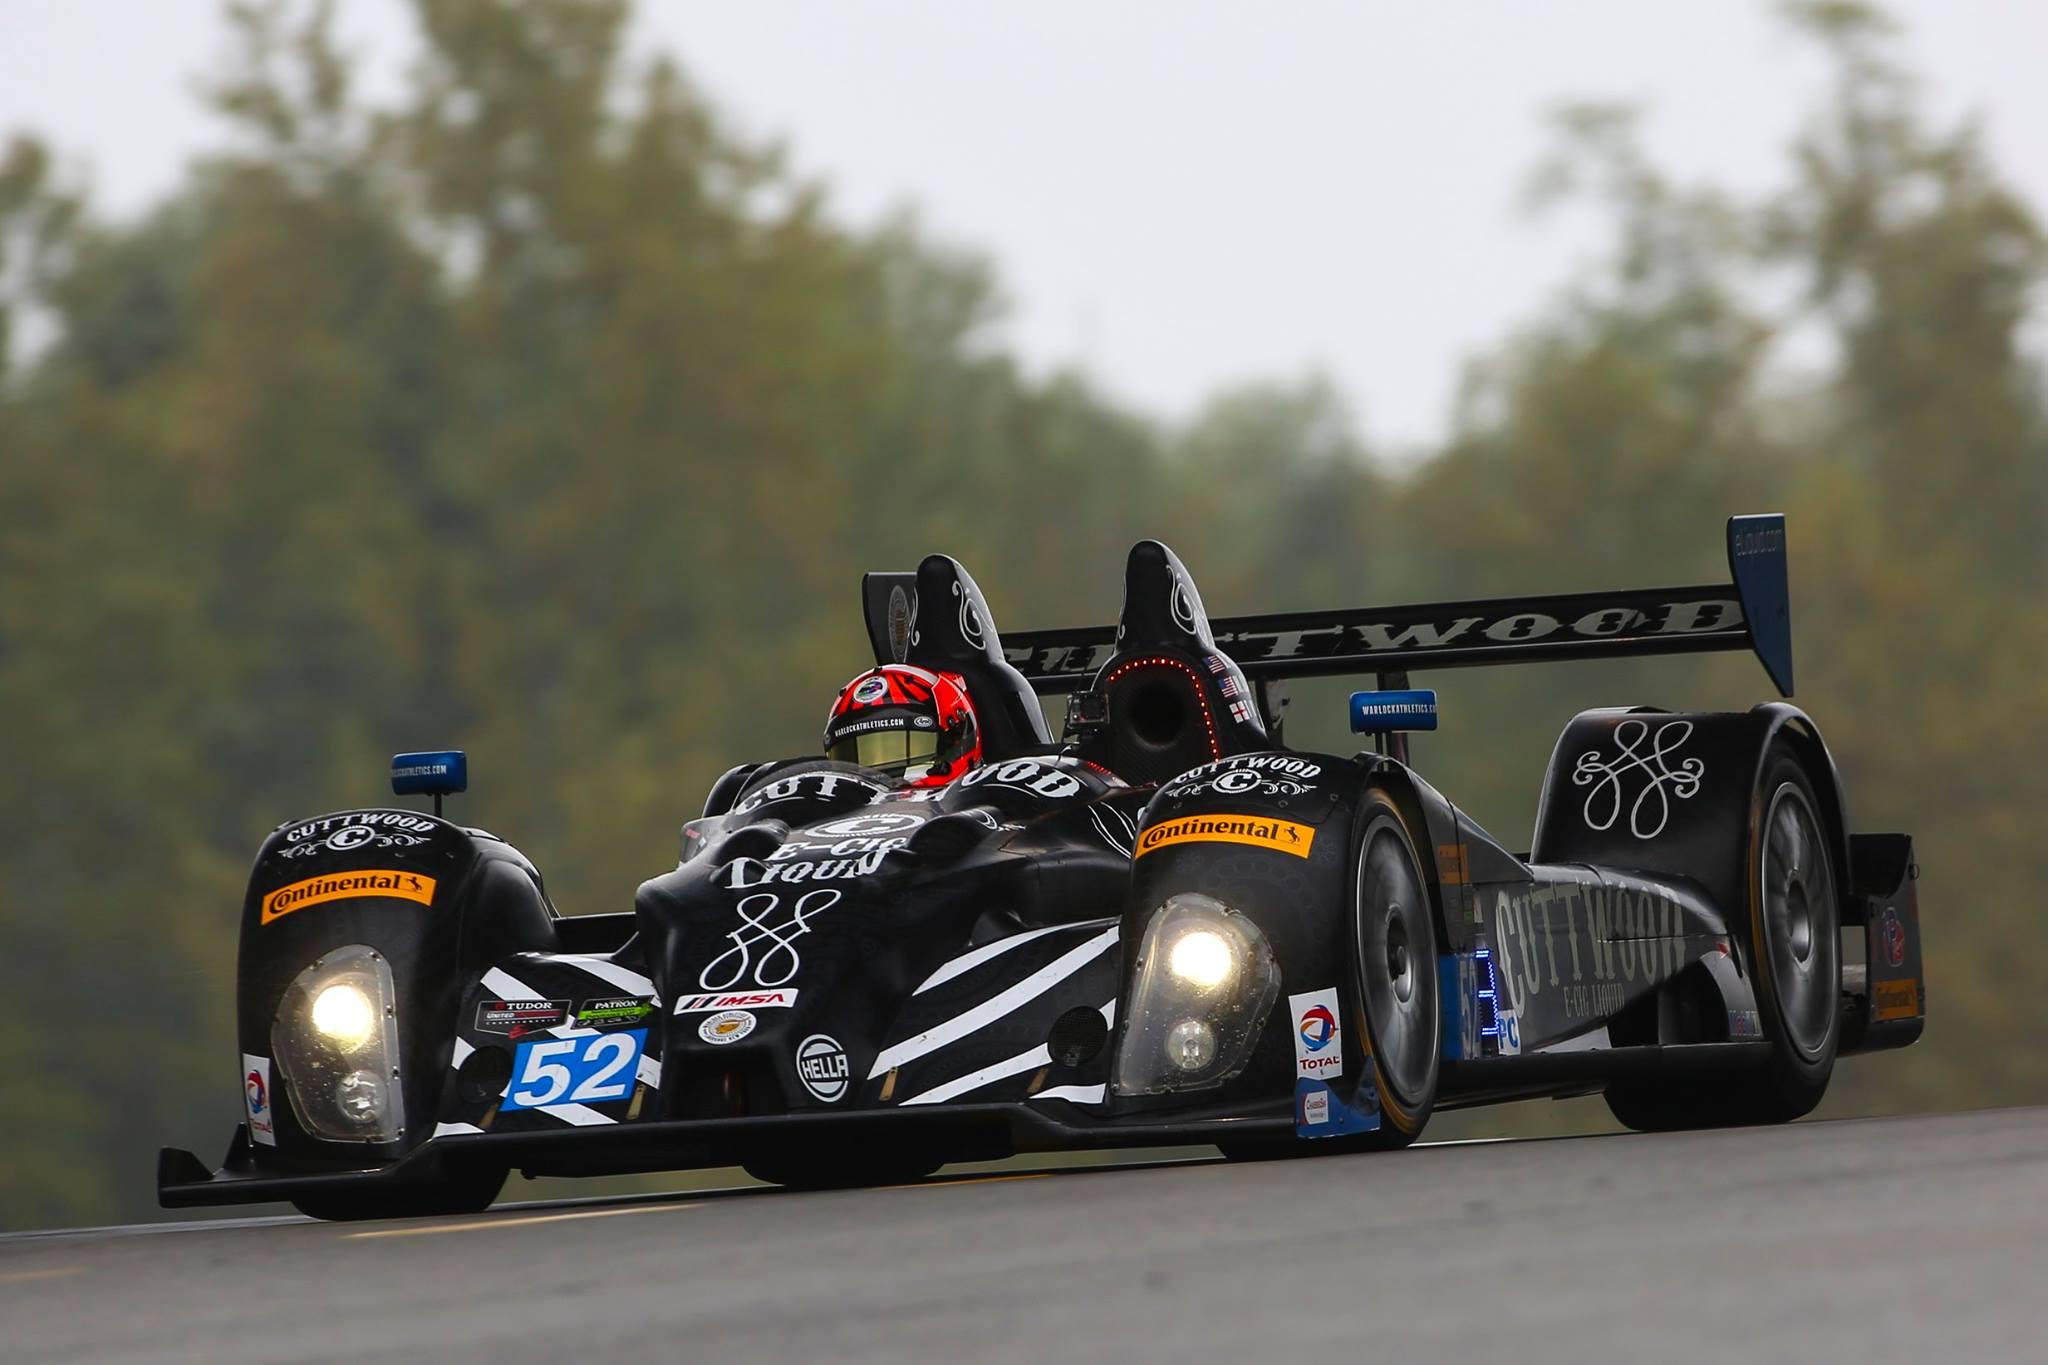 Mesmo com a vitória da equipe PR1, título da classe PC ficou com a CORE Autosport. (Foto: Divulgação IMSA)